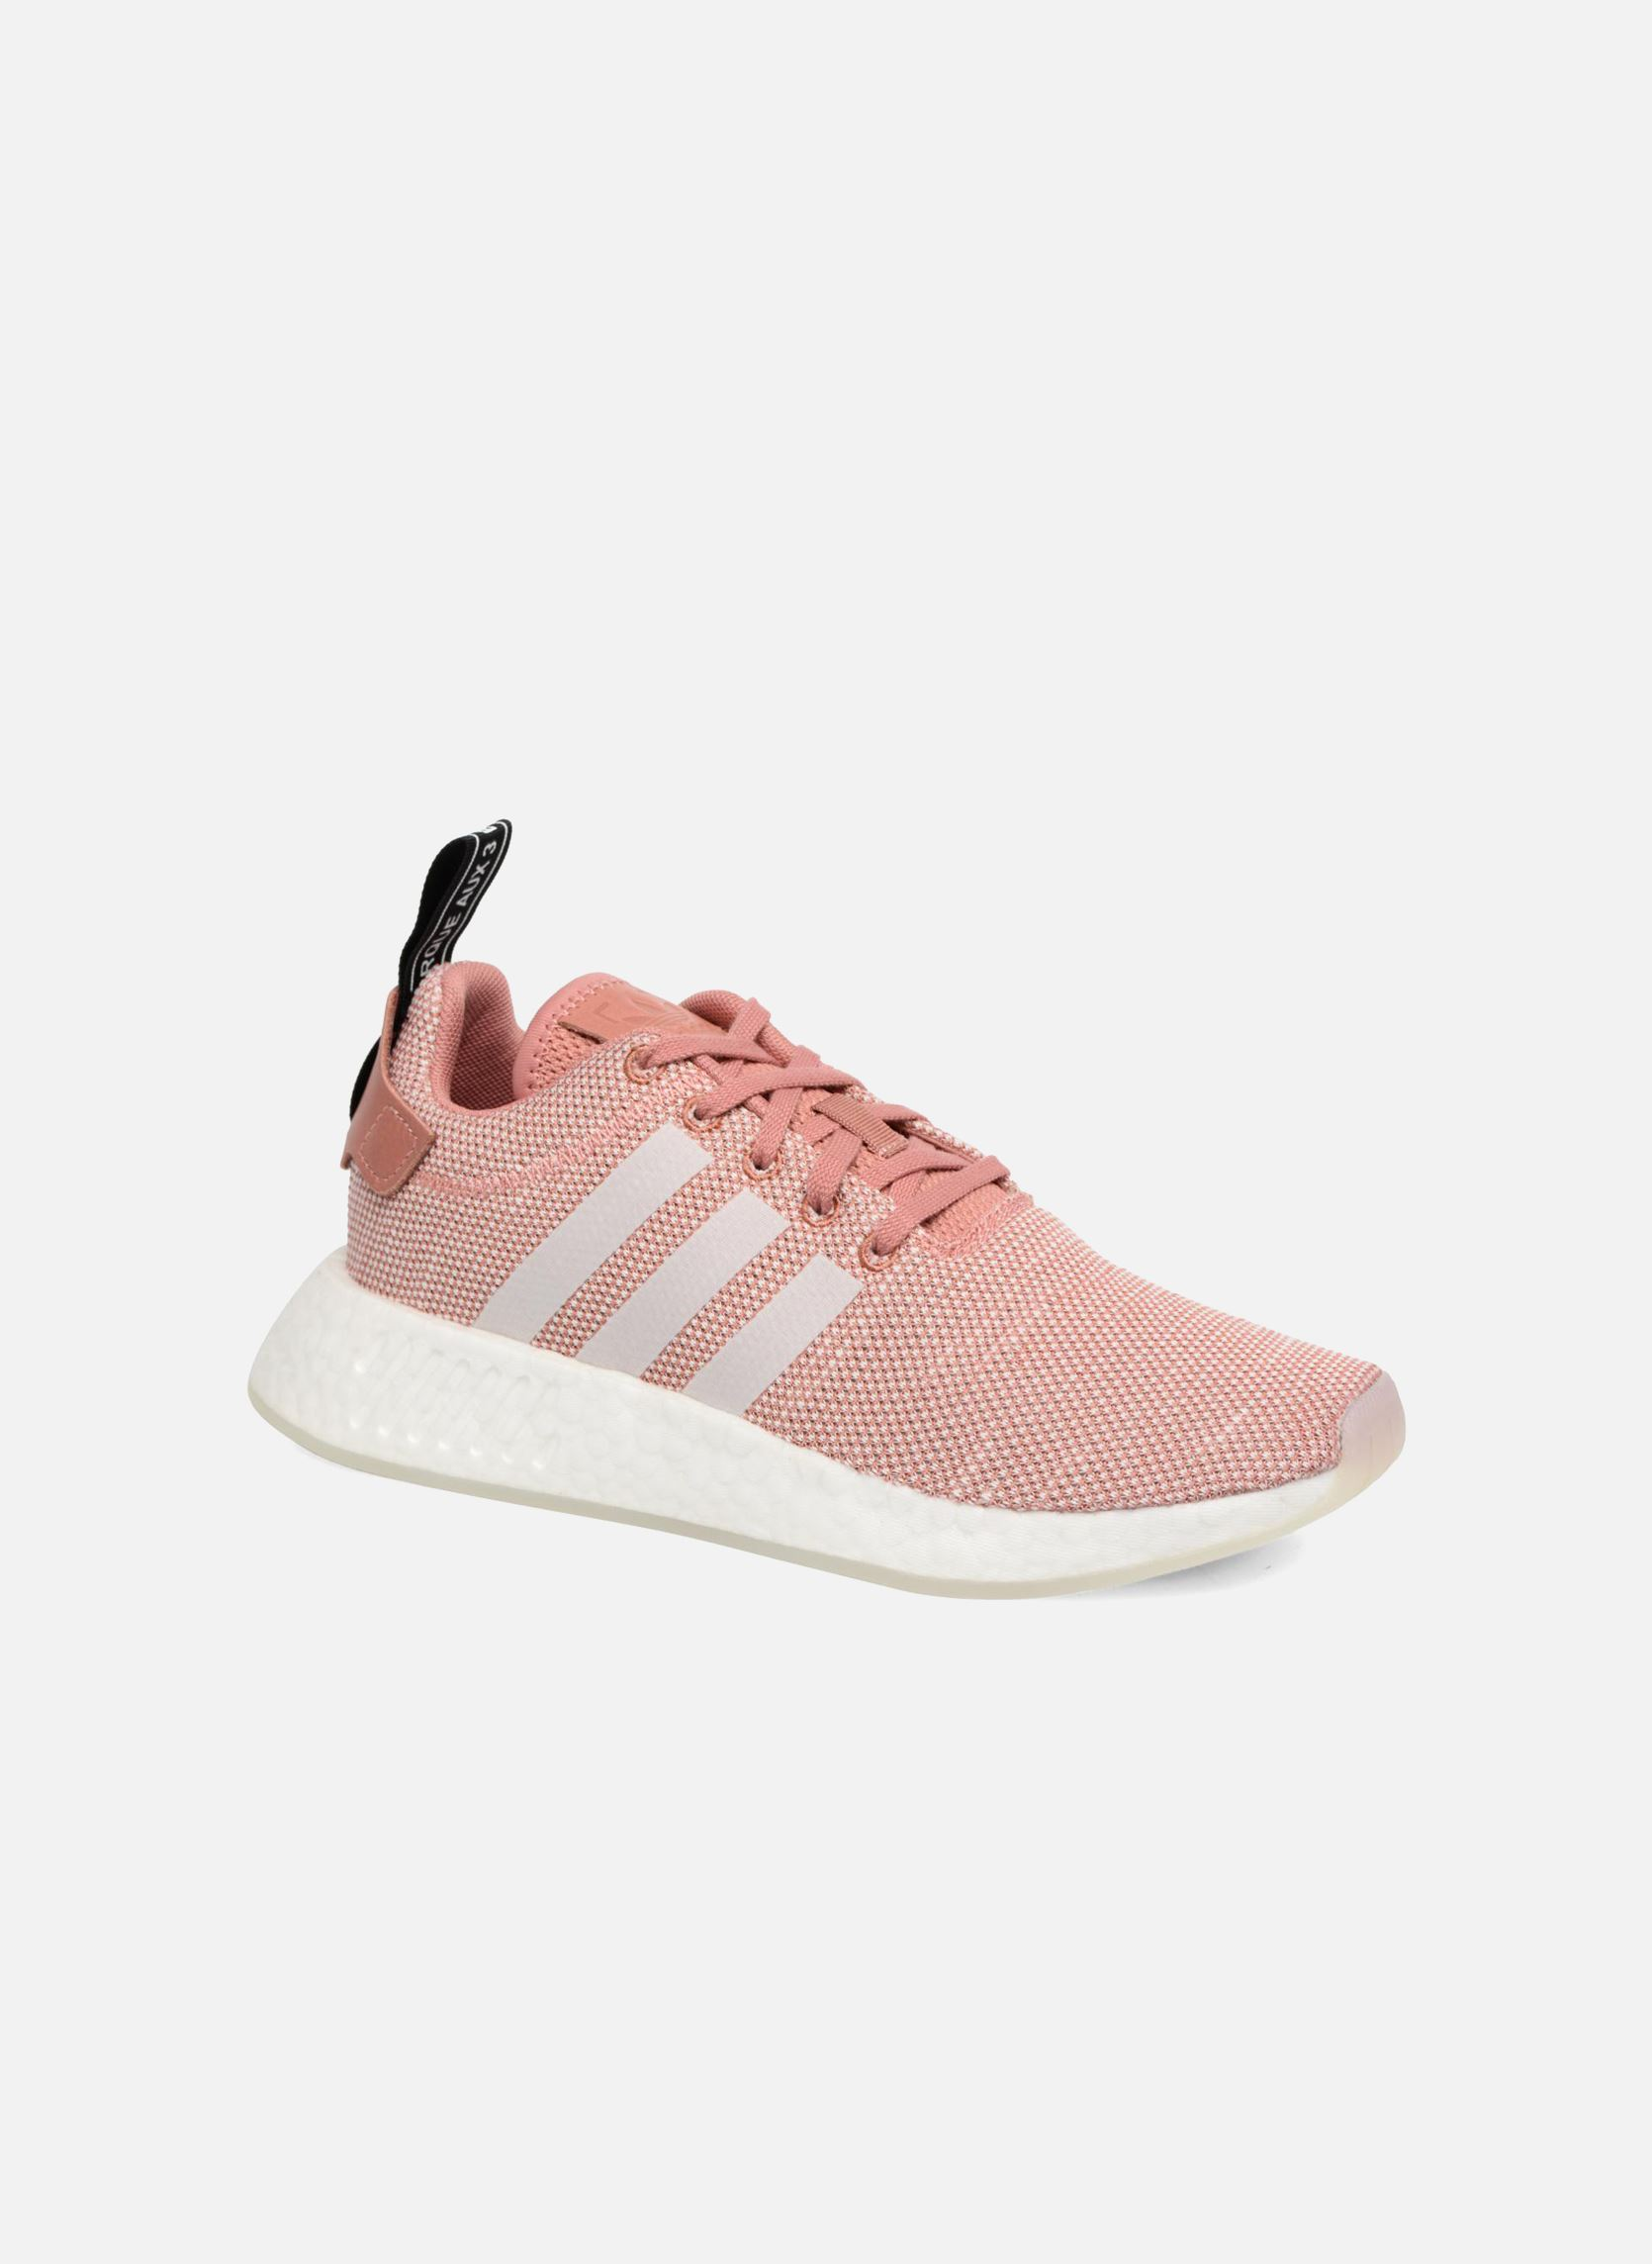 Las Adidas Originals NMD R2 W Lace Up formadores en rosa Ebay